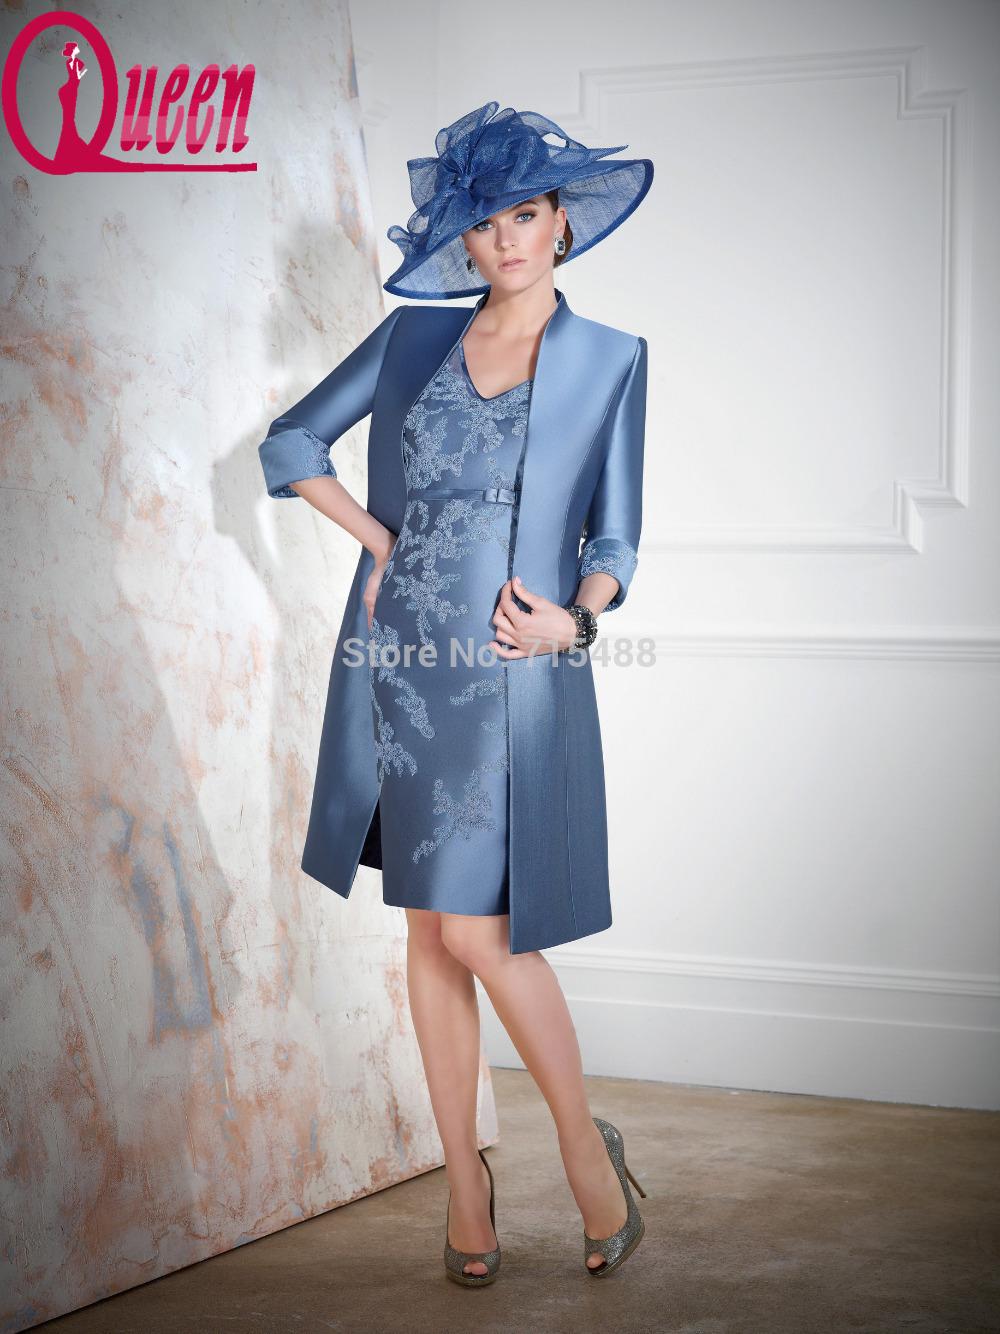 Платье для матери невесты Queen dress Janique Vestidos Noiva MBD3108 вечернее платье mermaid dress vestido noiva 2015 w006 elie saab evening dress